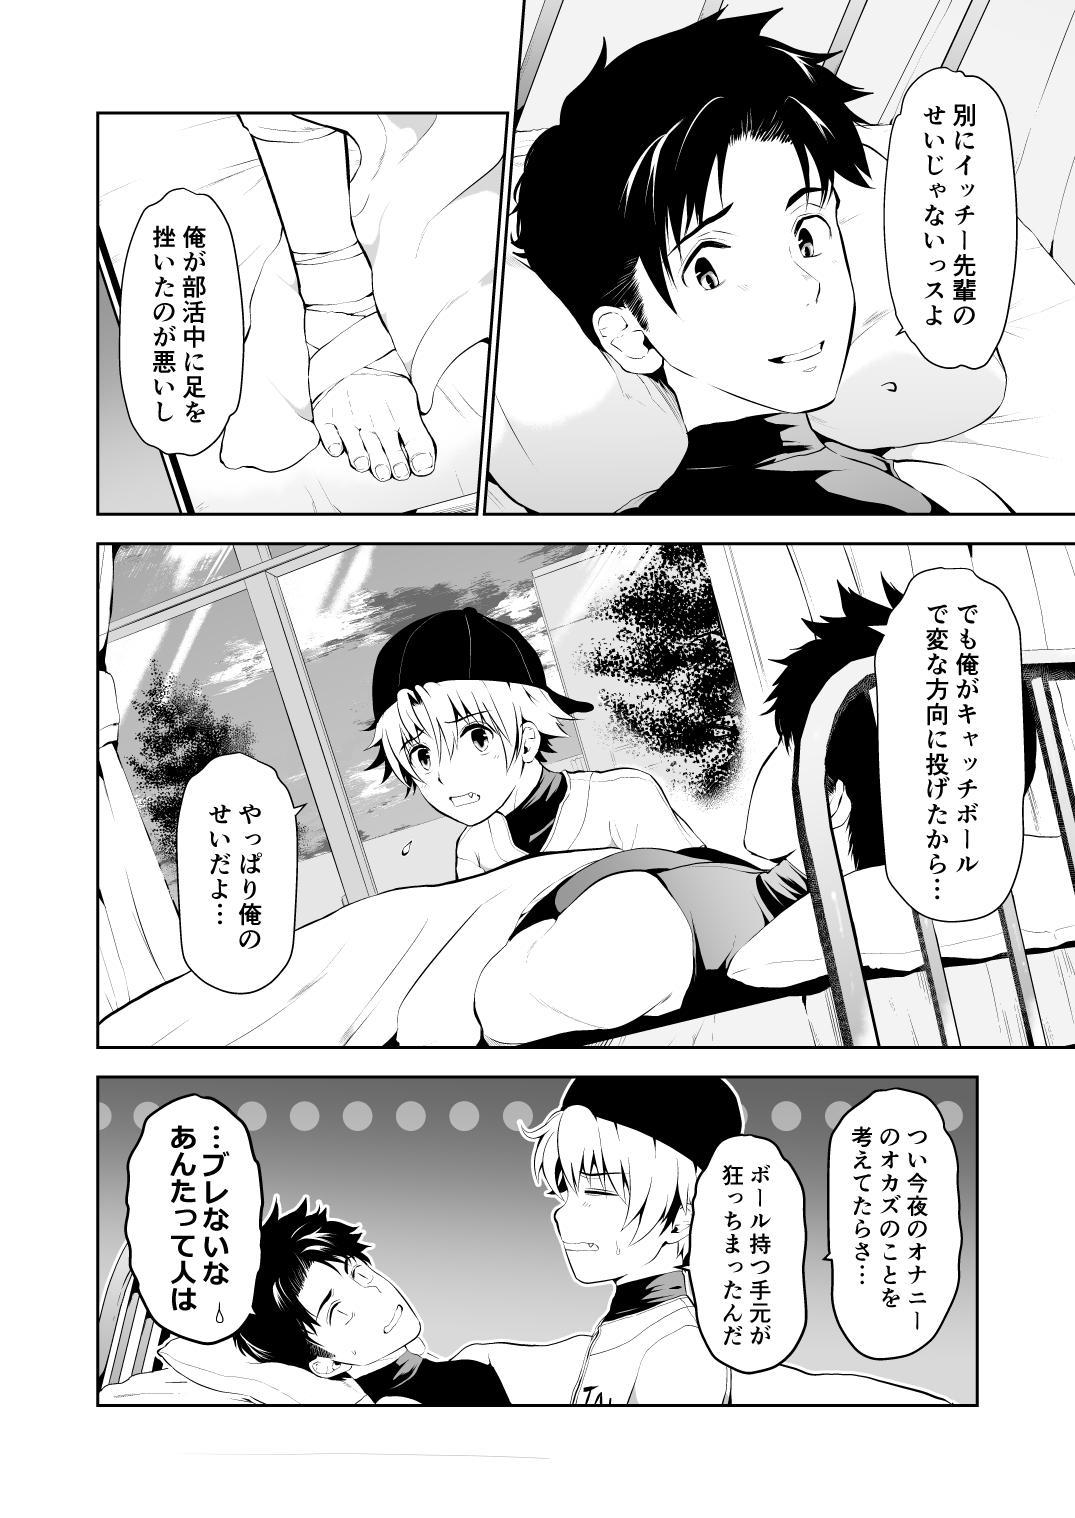 Shishunki Kyuuji nan Dakara Hokenshitsu demo Ecchi Shitaissu 4